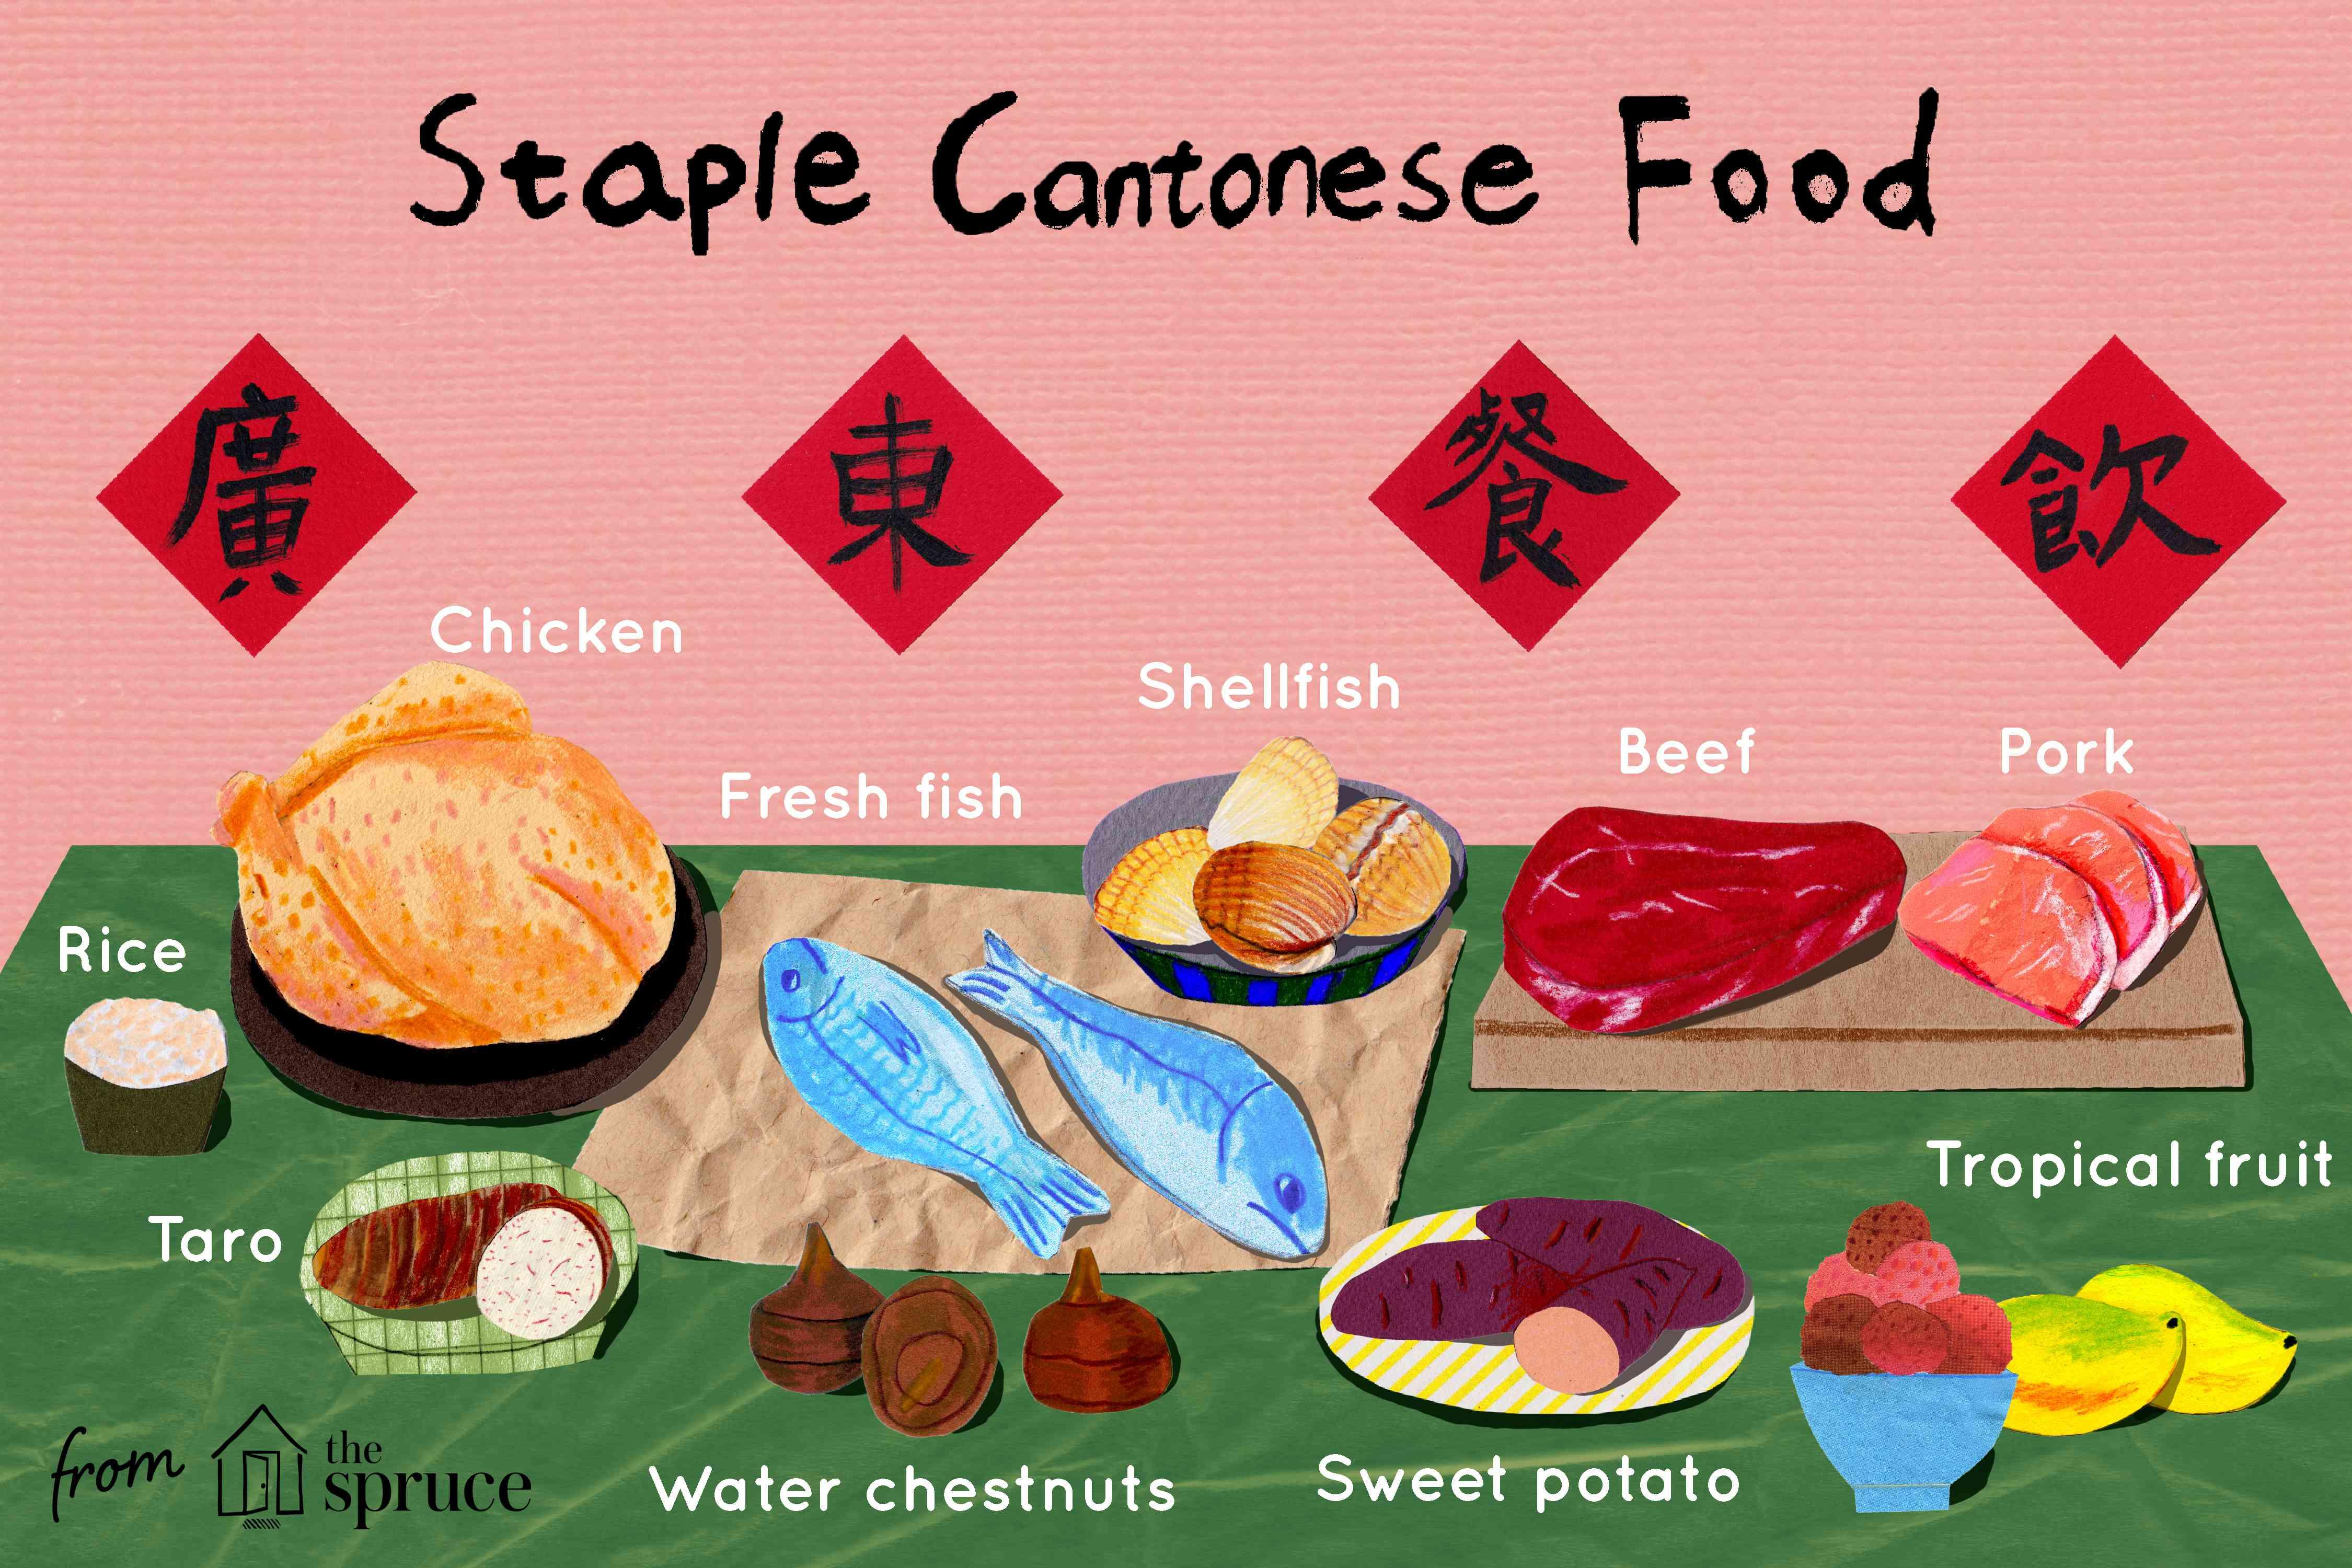 staple ingredients in cantonese food